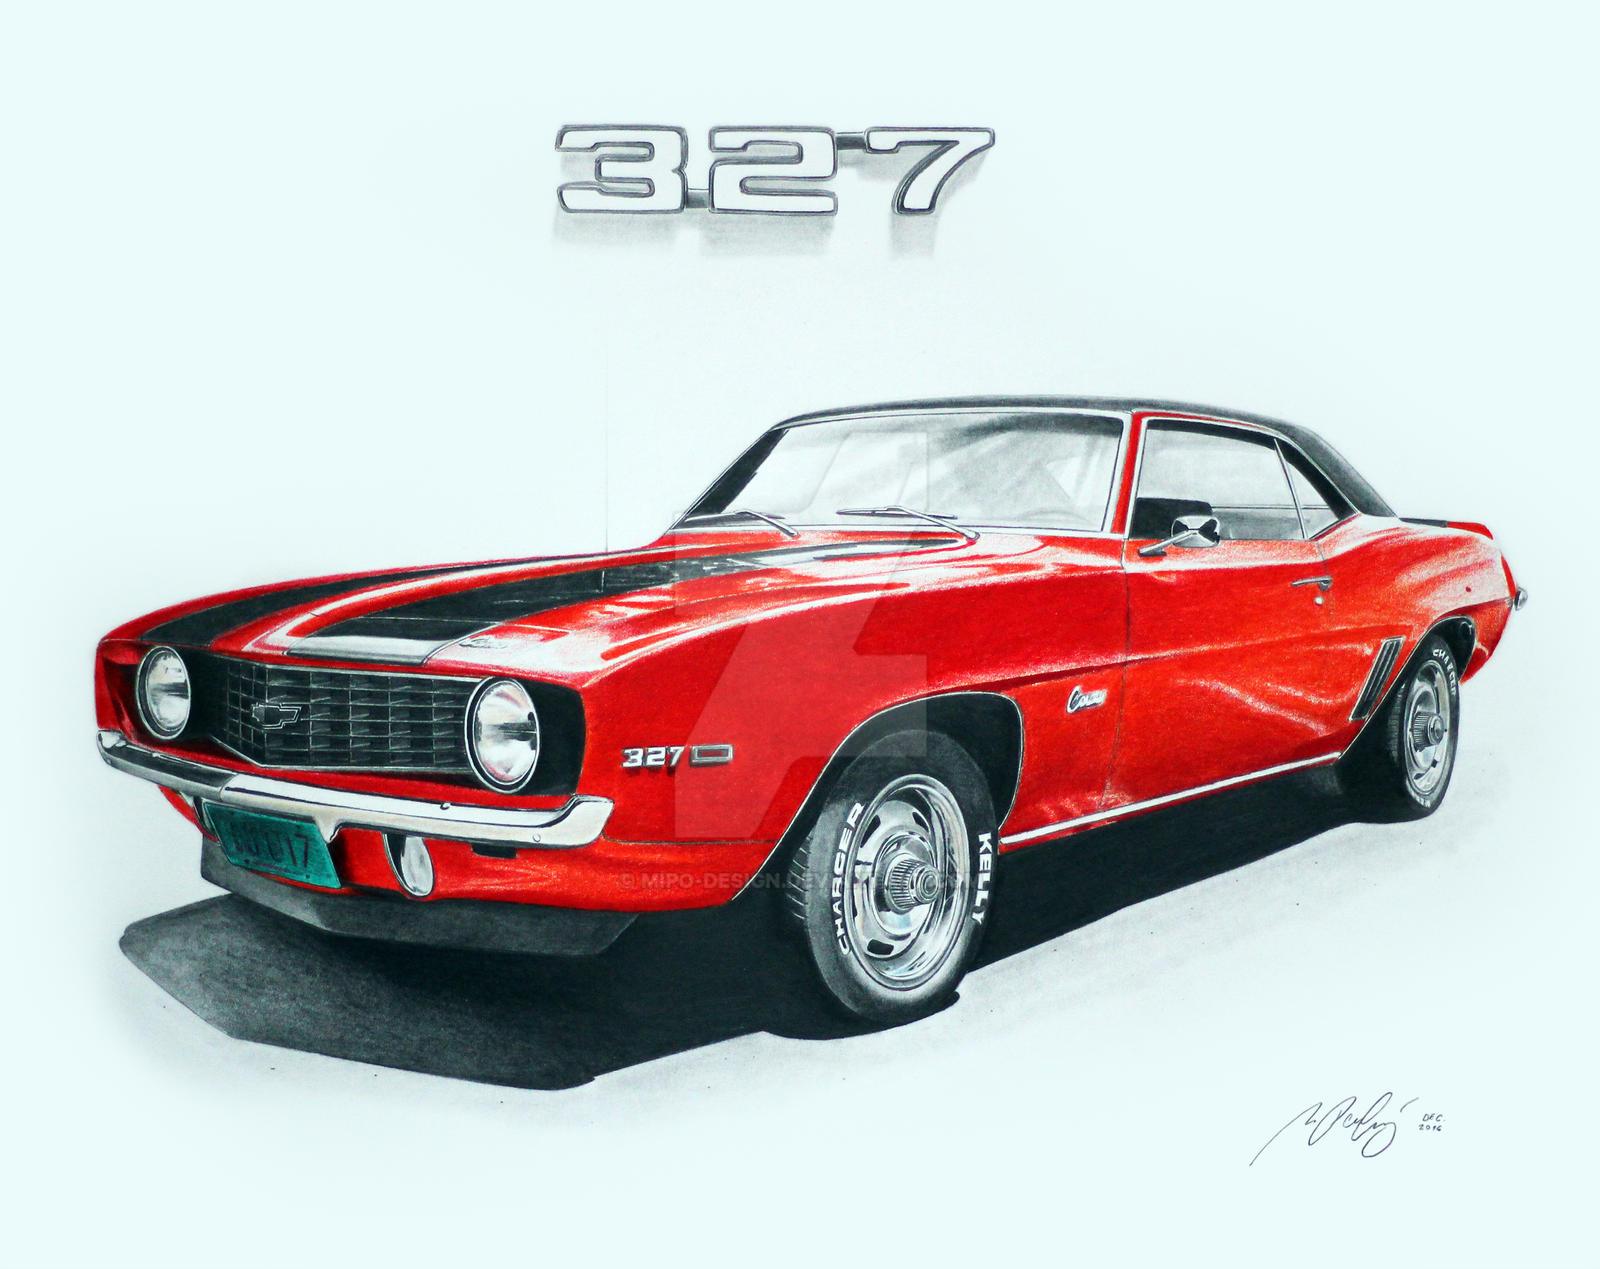 chevrolet_camaro_1969_327_by_mipo_design